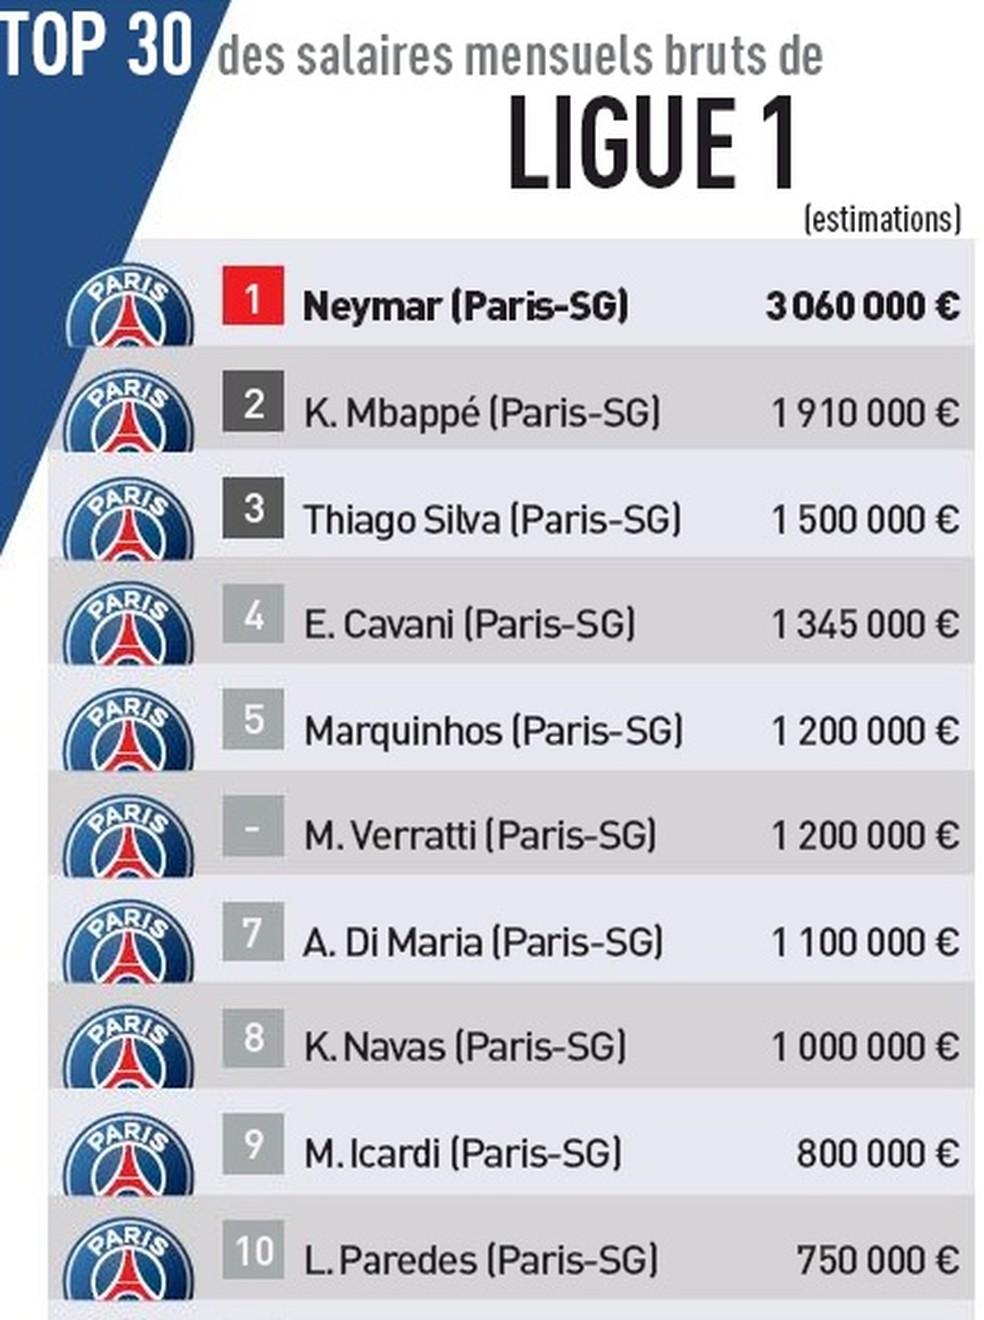 Lista da Ligue 1 de maiores salários — Foto: Reprodução L'Equipe